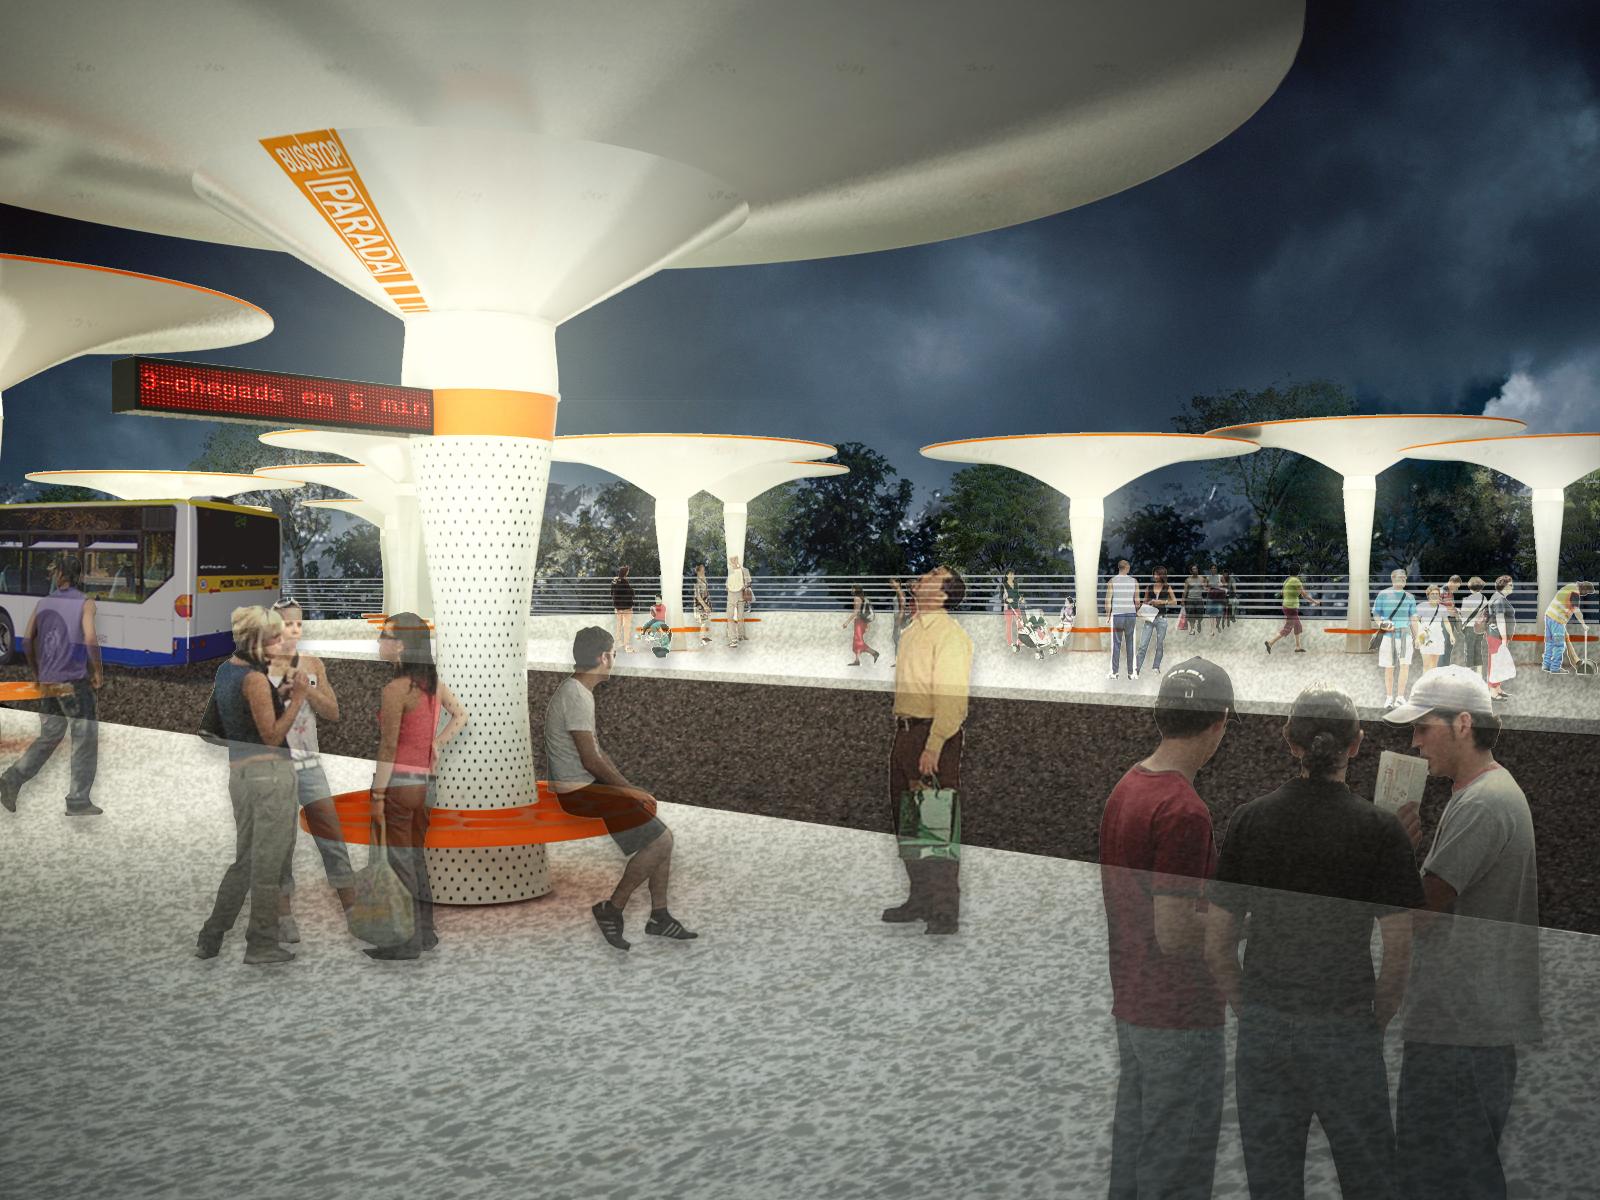 de jardim jumbo:Studio Lauria propõe mobiliário urbano que gera  #6C4437 1600x1200